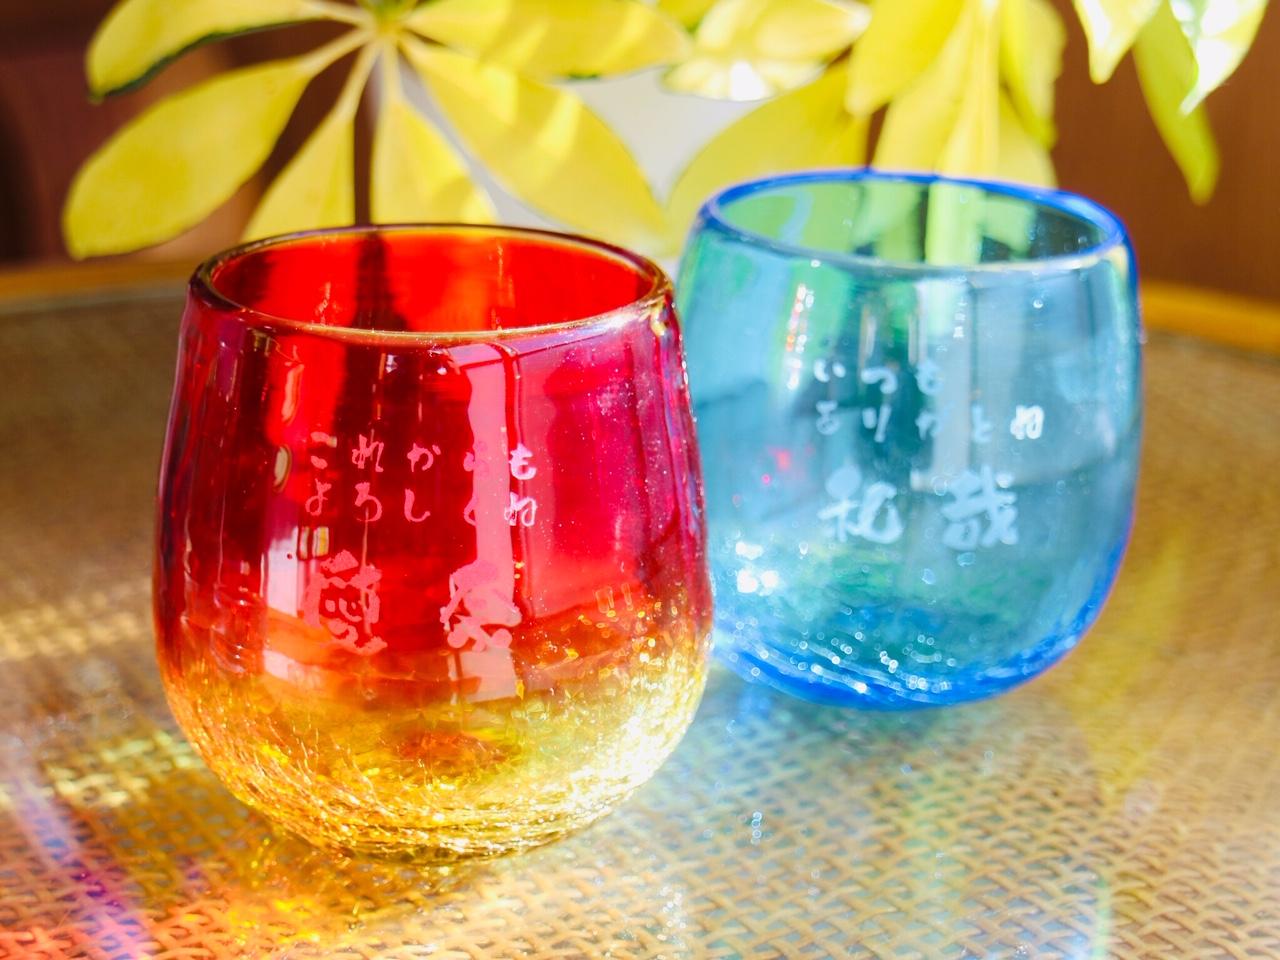 沖縄気分を味わえる琉球グラス♪